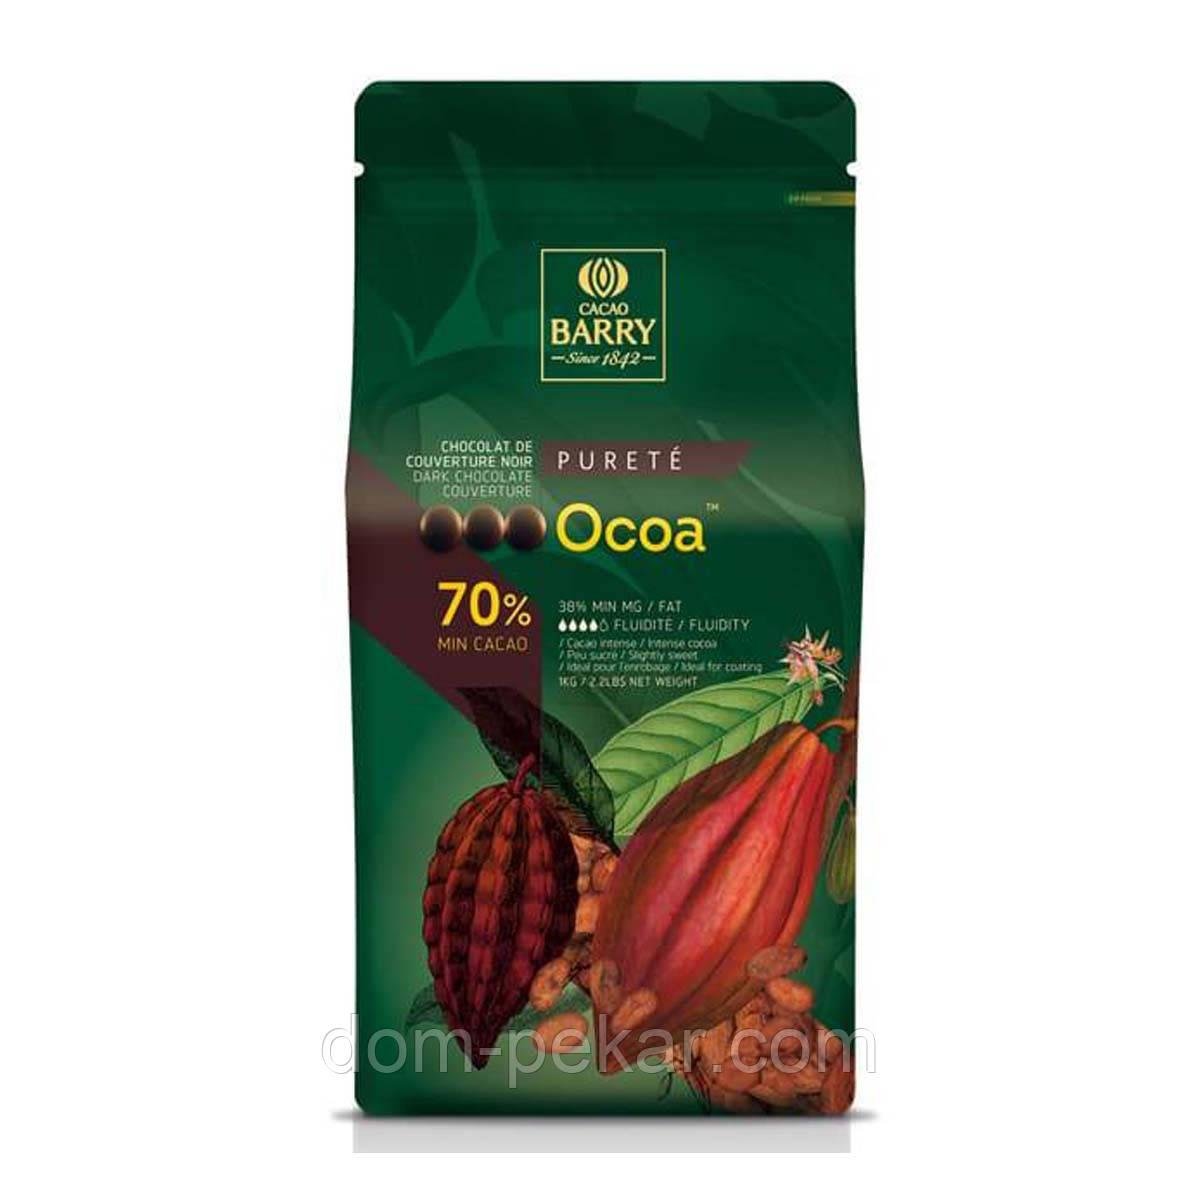 Шоколад кувертюр Cacao Barry OCOA черный 70% CHD-N70OCOA, 1 кг